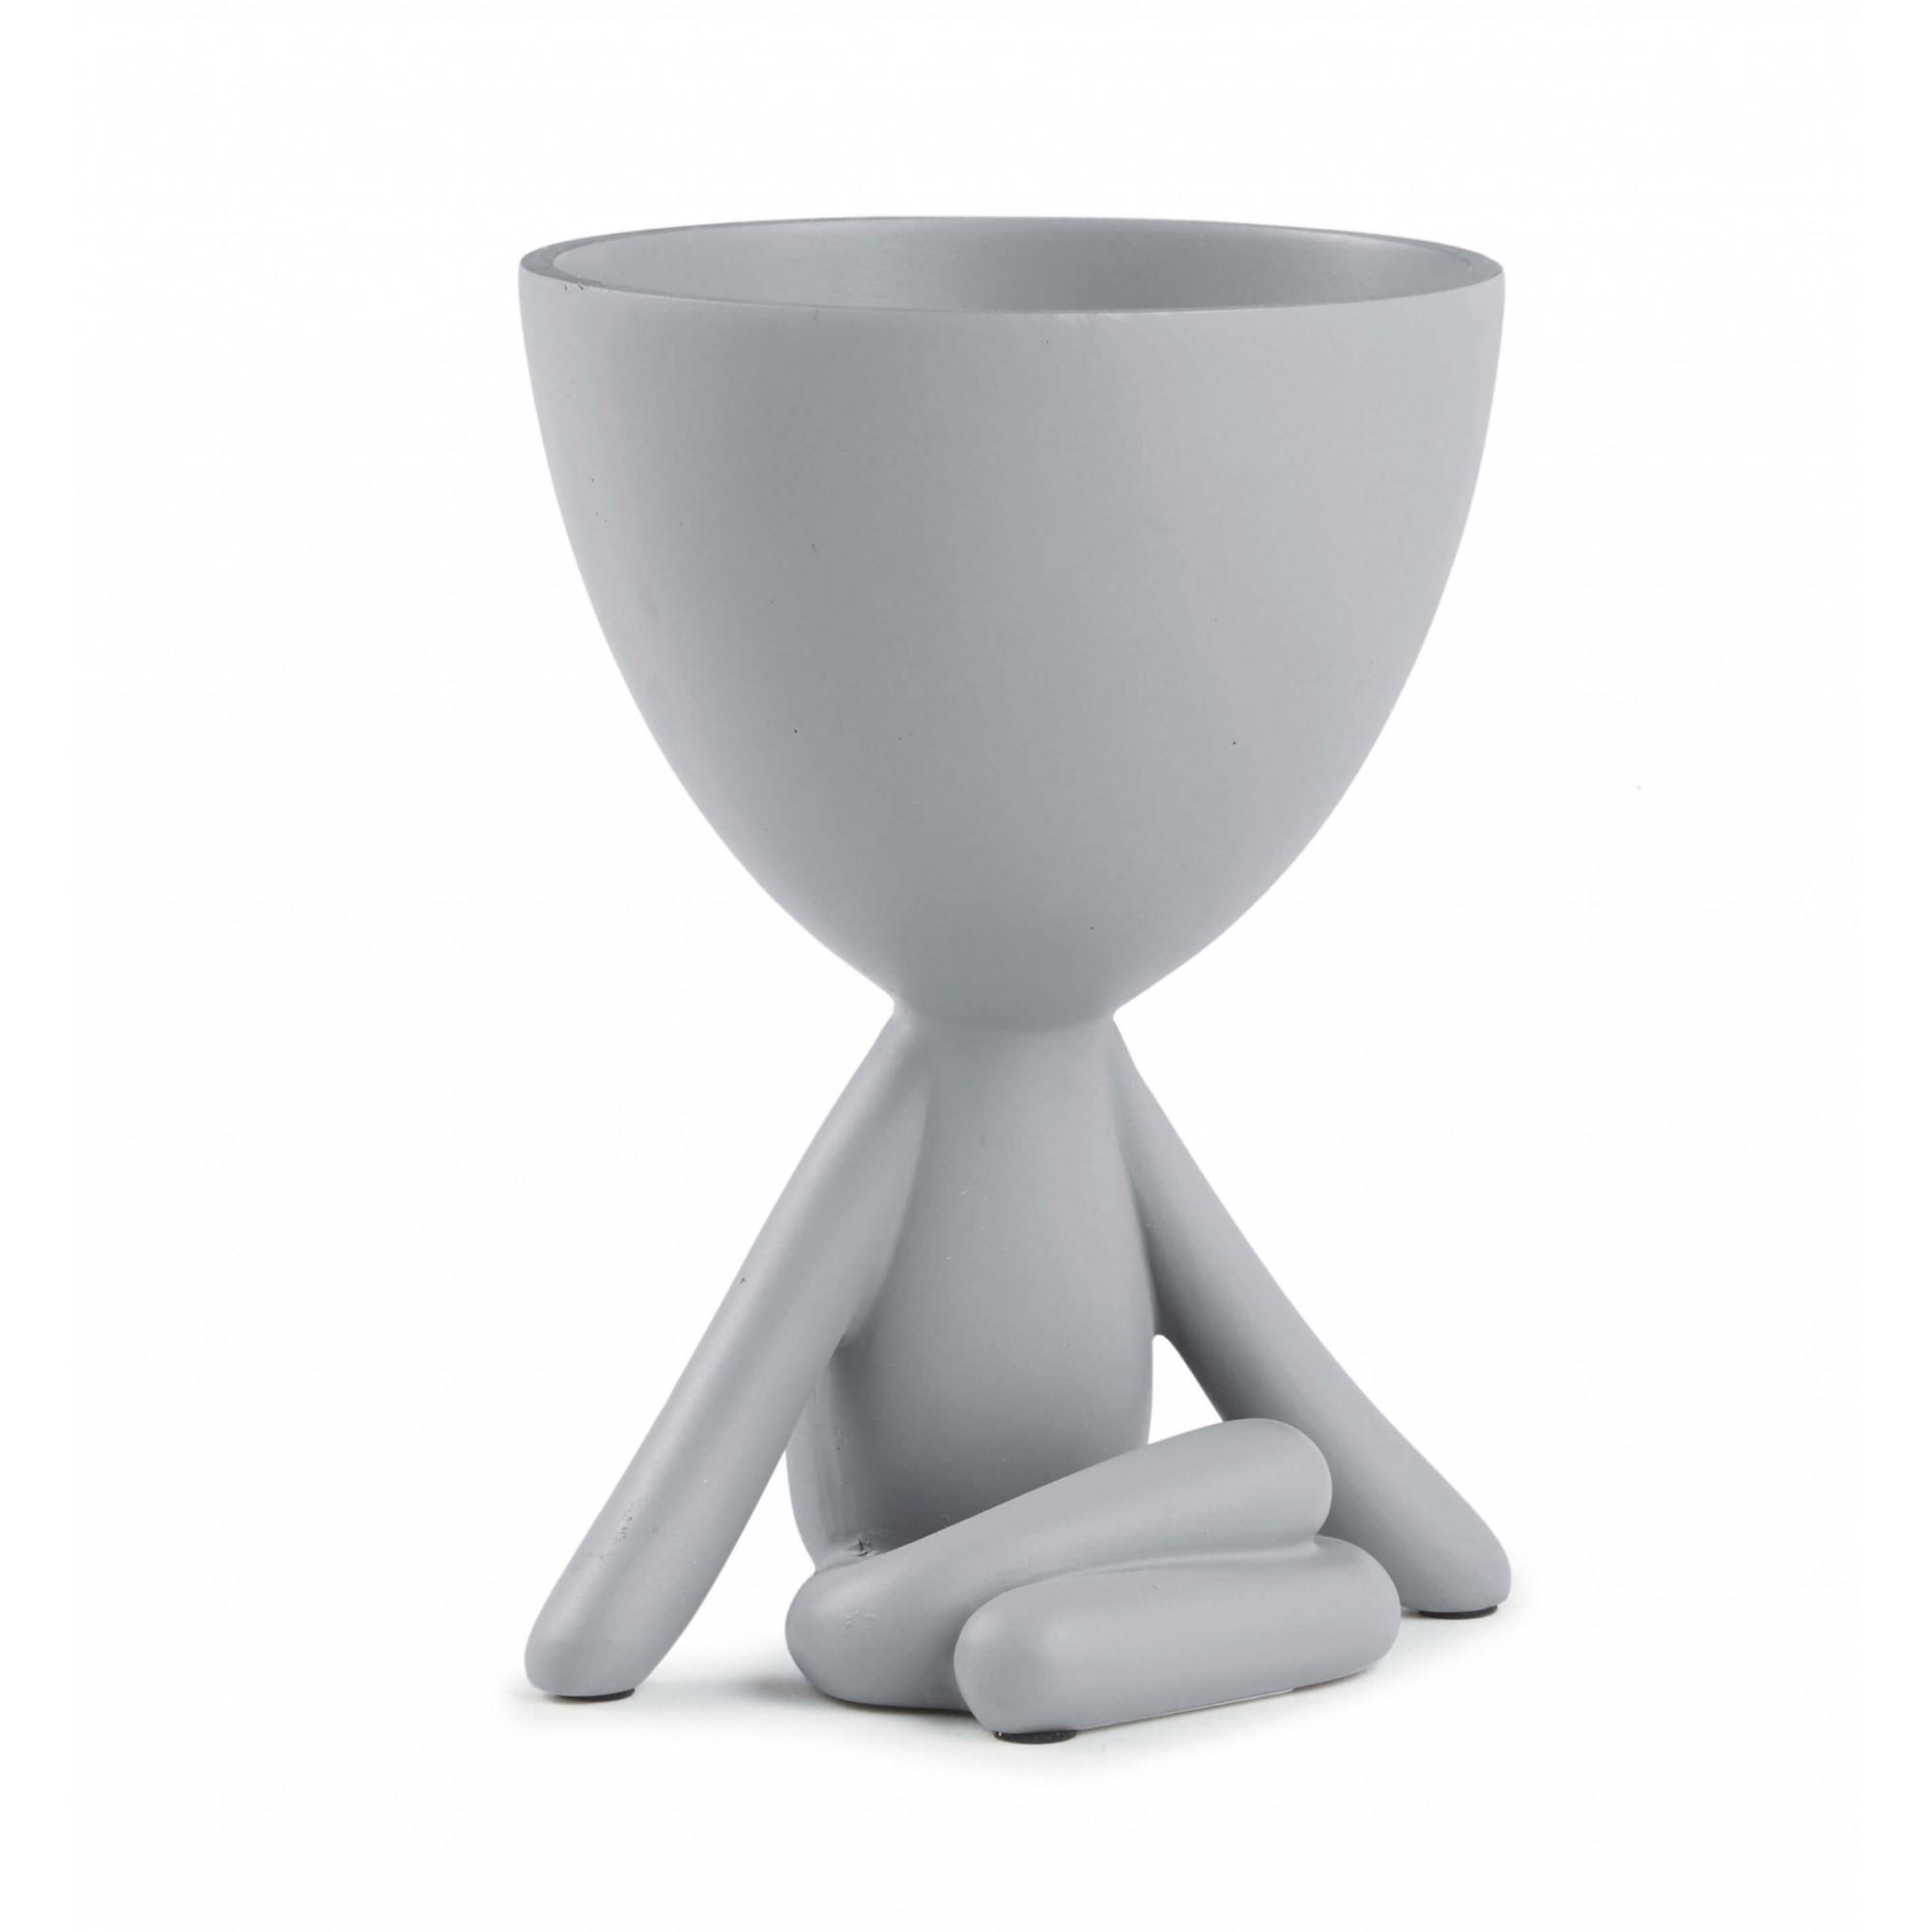 Cachepot Boneco Bob de Poliresina Branco 11x14cm